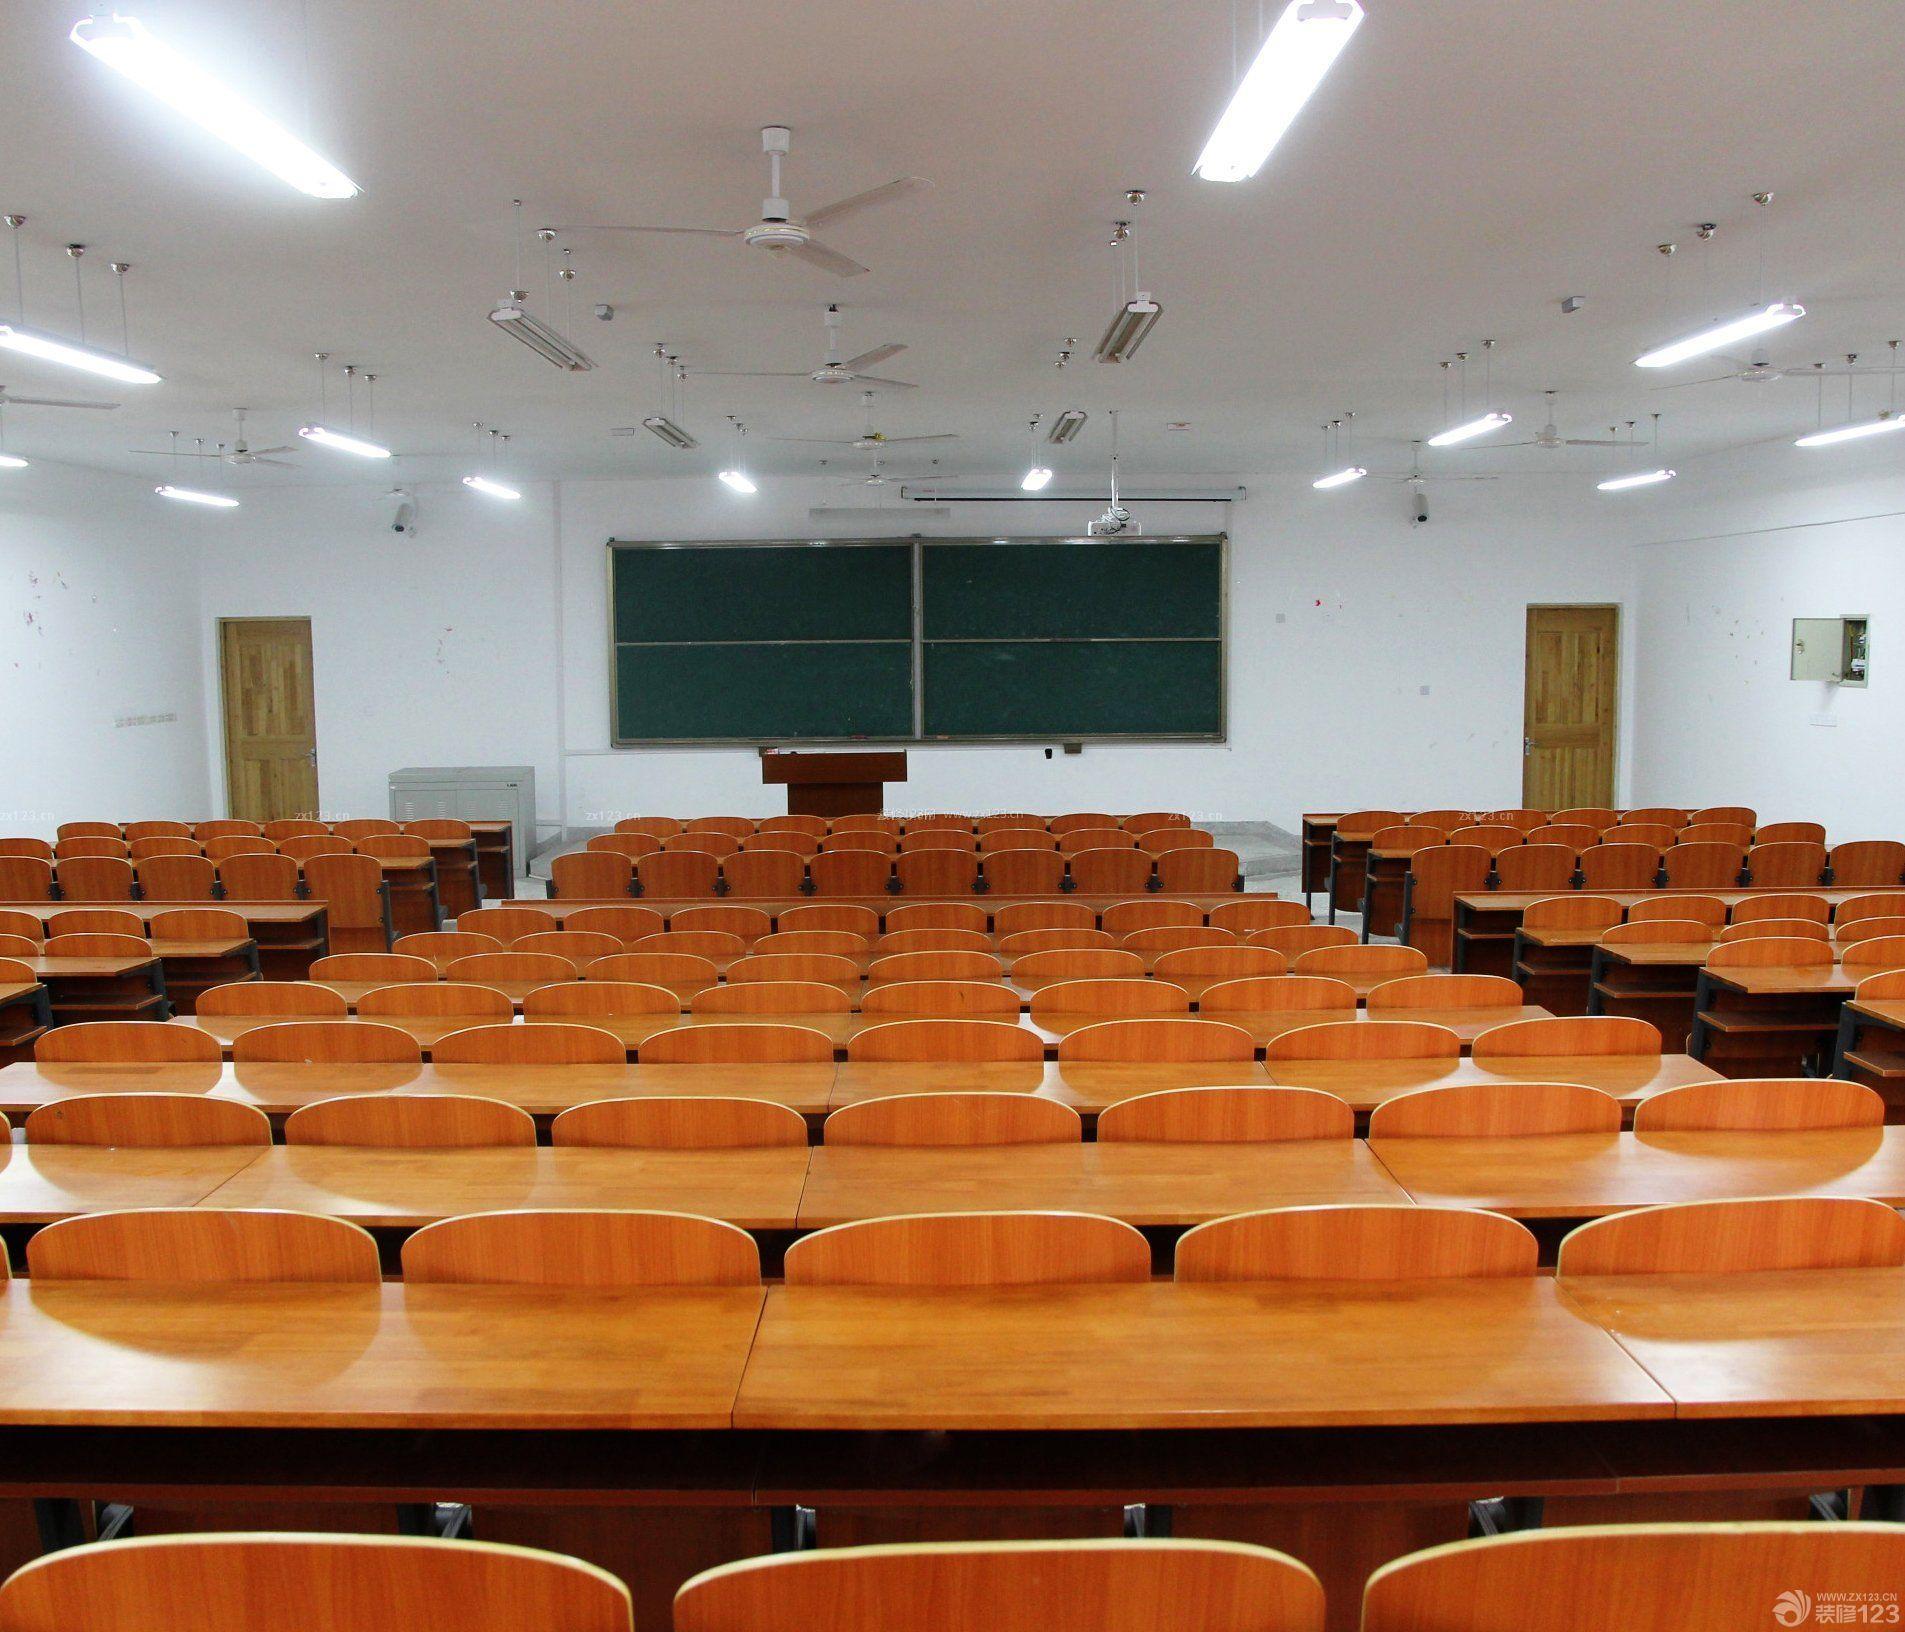 松江学校教室简约吊灯装修效果图片